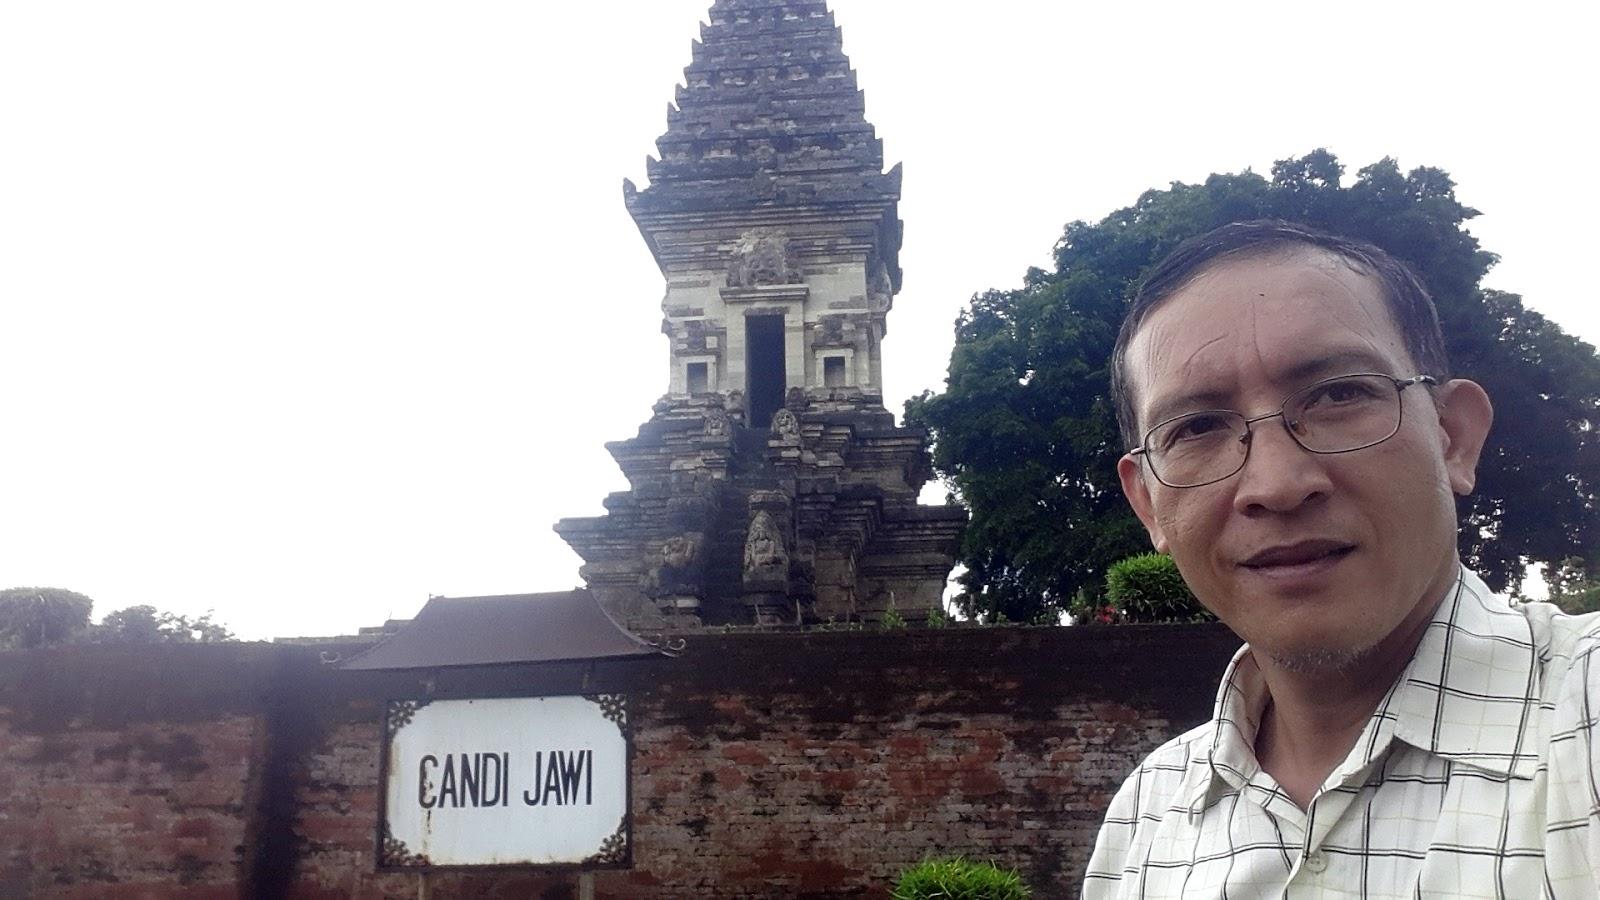 Firdaus Ubaidillah Candi Jawi Prigen Kabupaten Pasuruan Jawa Timur Kilometer